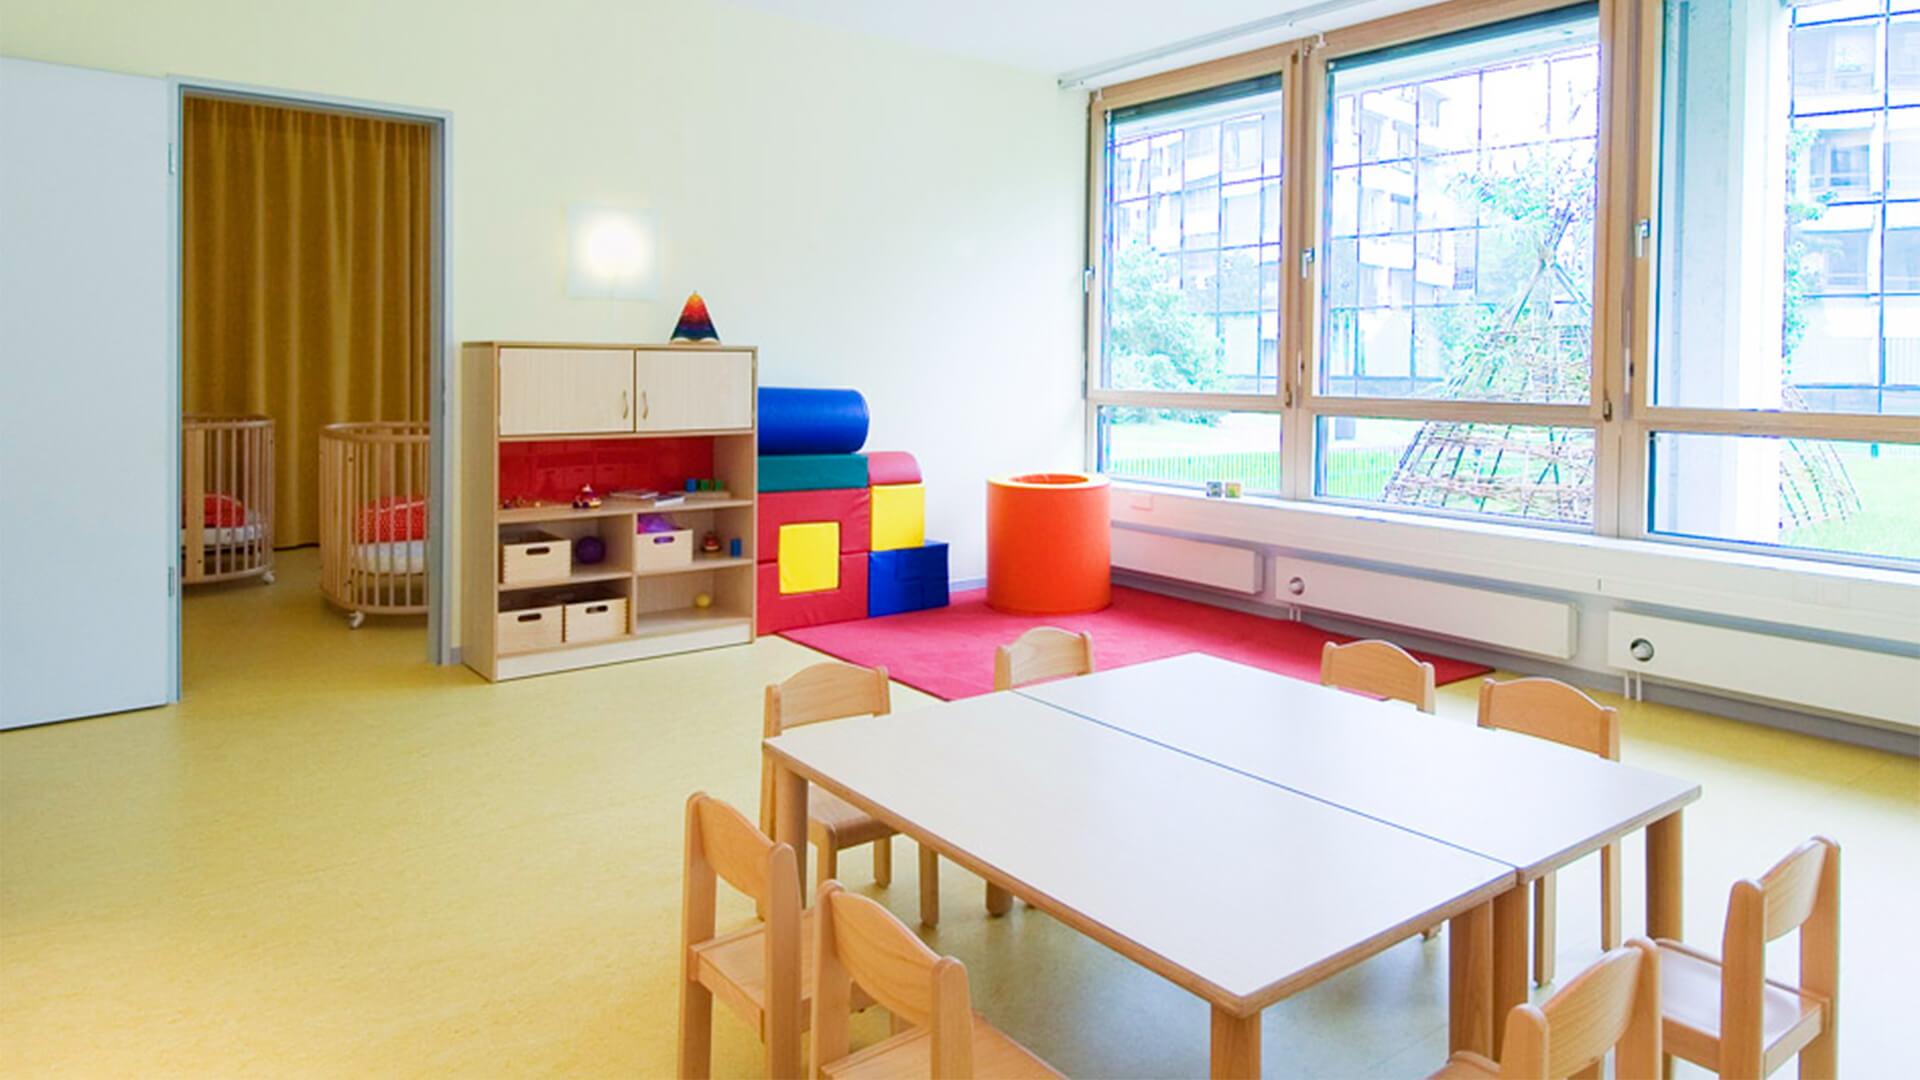 Heller Gruppenraum der Kita in Düsseldorf, mit großen Fenstern